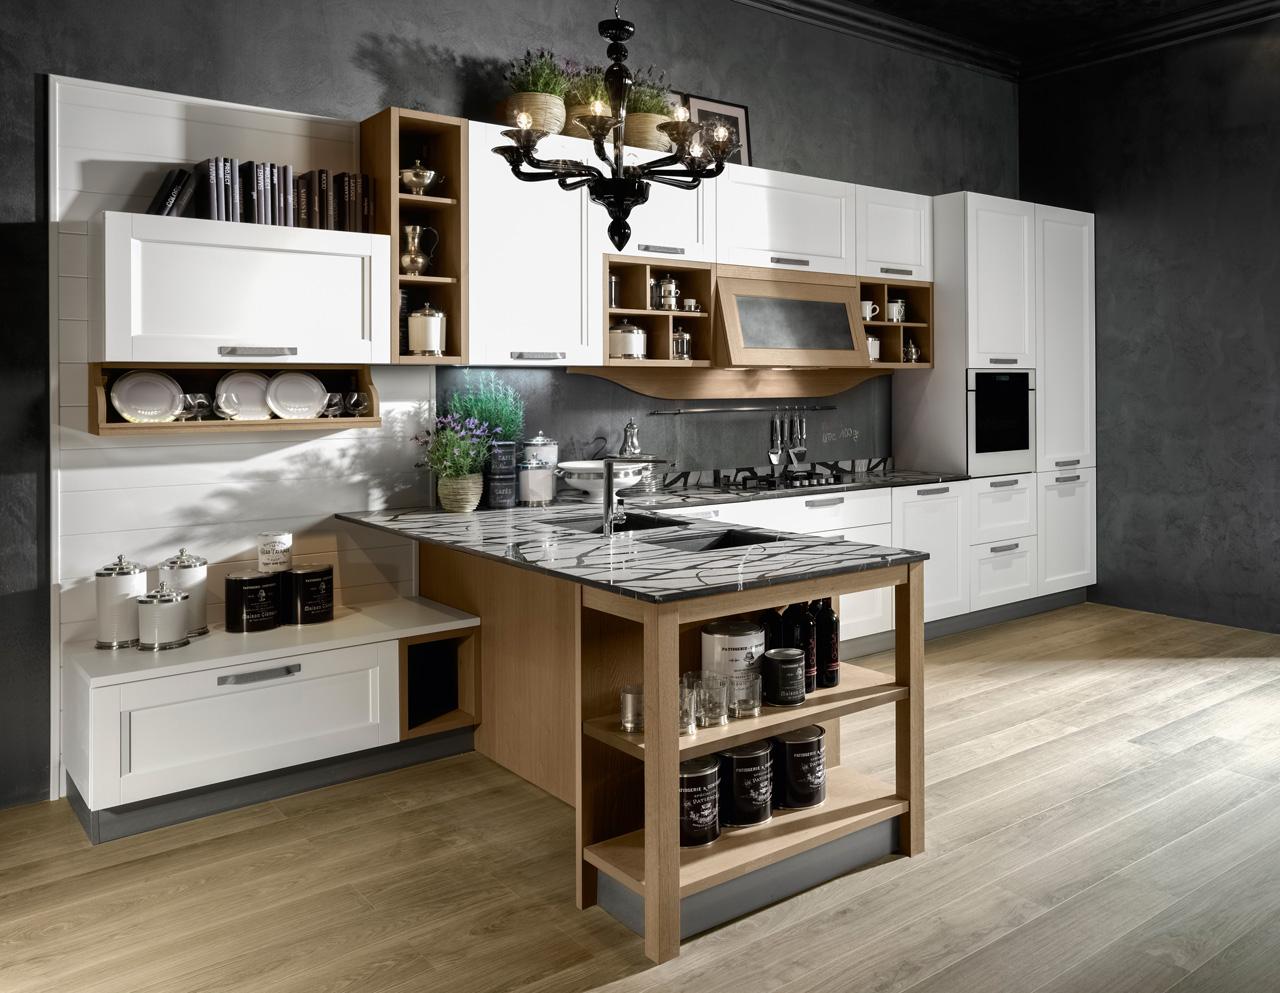 Cucine Dal Gusto Classico Contemporaneo Ambiente Cucina #5E4B32 1280 993 Ripiani Per Pensili Cucina Ikea